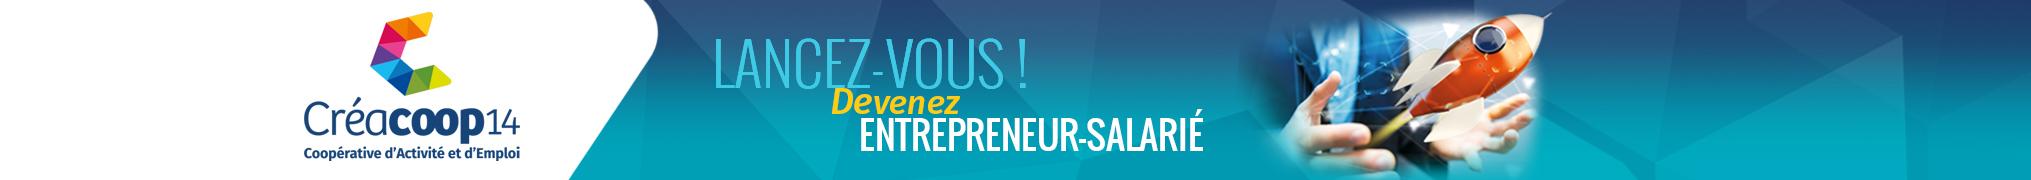 Créacoop14 | Création entreprise à Caen Logo